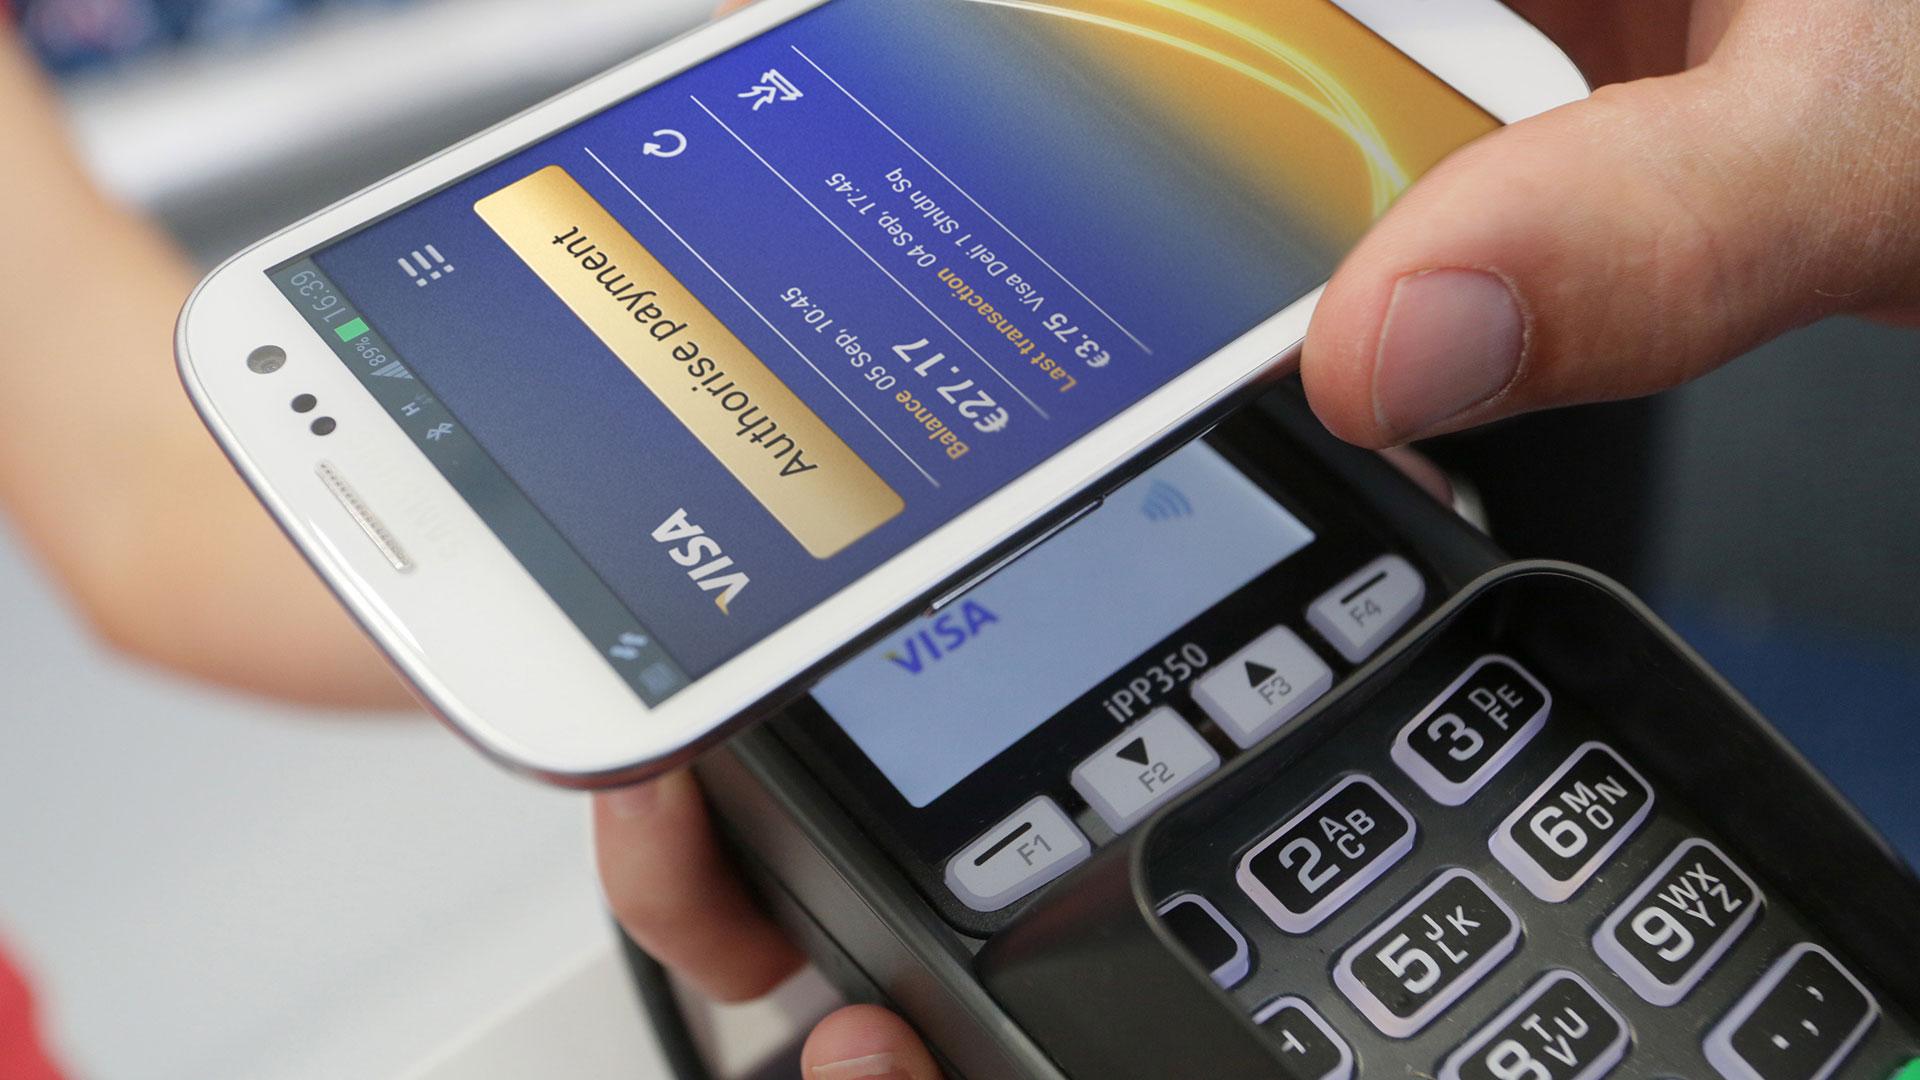 nfc visa pagar - 18 % de europeos usan medios online para pagar frecuentemente